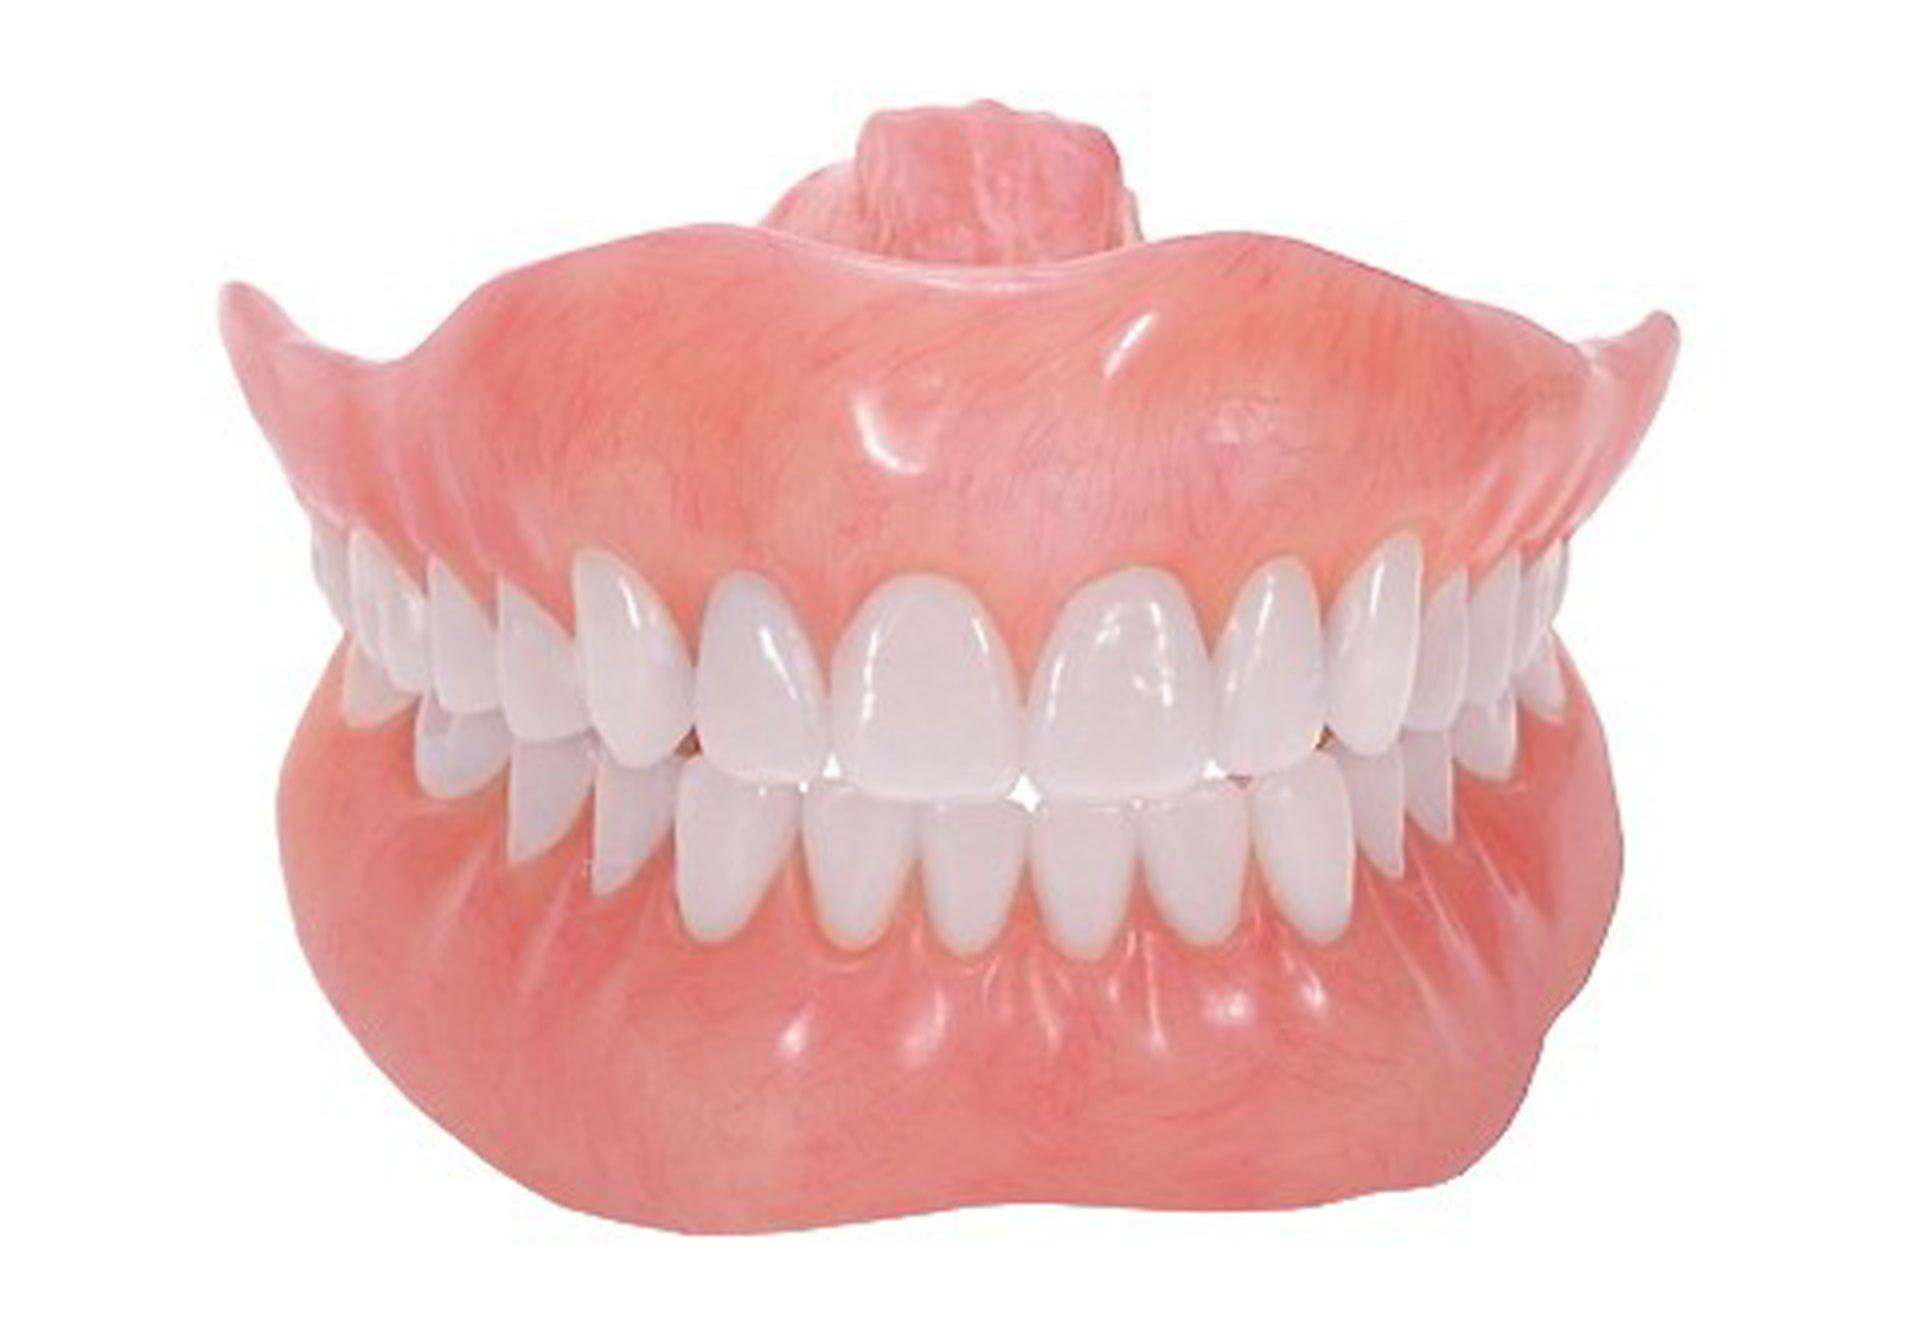 کاهش شاخص پوسیدگی دندان با اجرای طرح تحول سلامت + فیلم